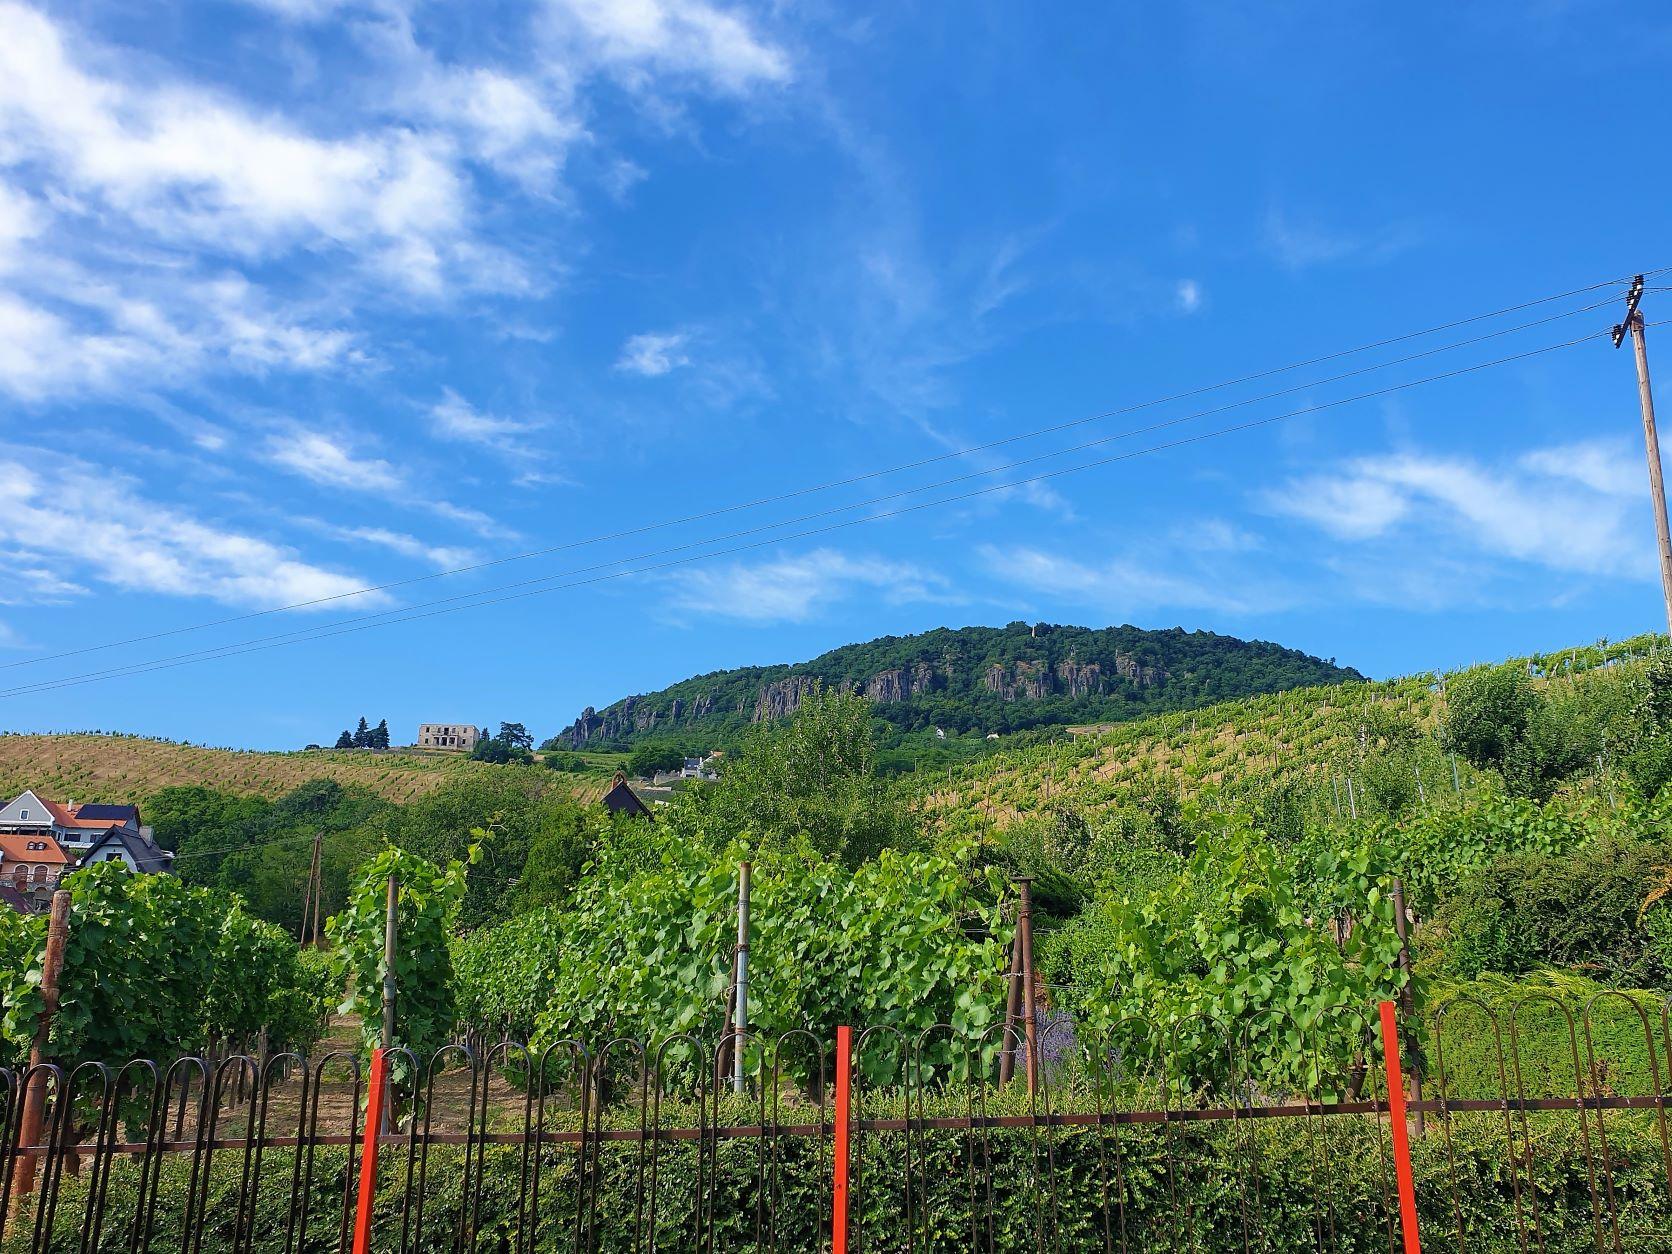 A Római úton sétálva szőlő ültetvények és borászatok jönnek szembe